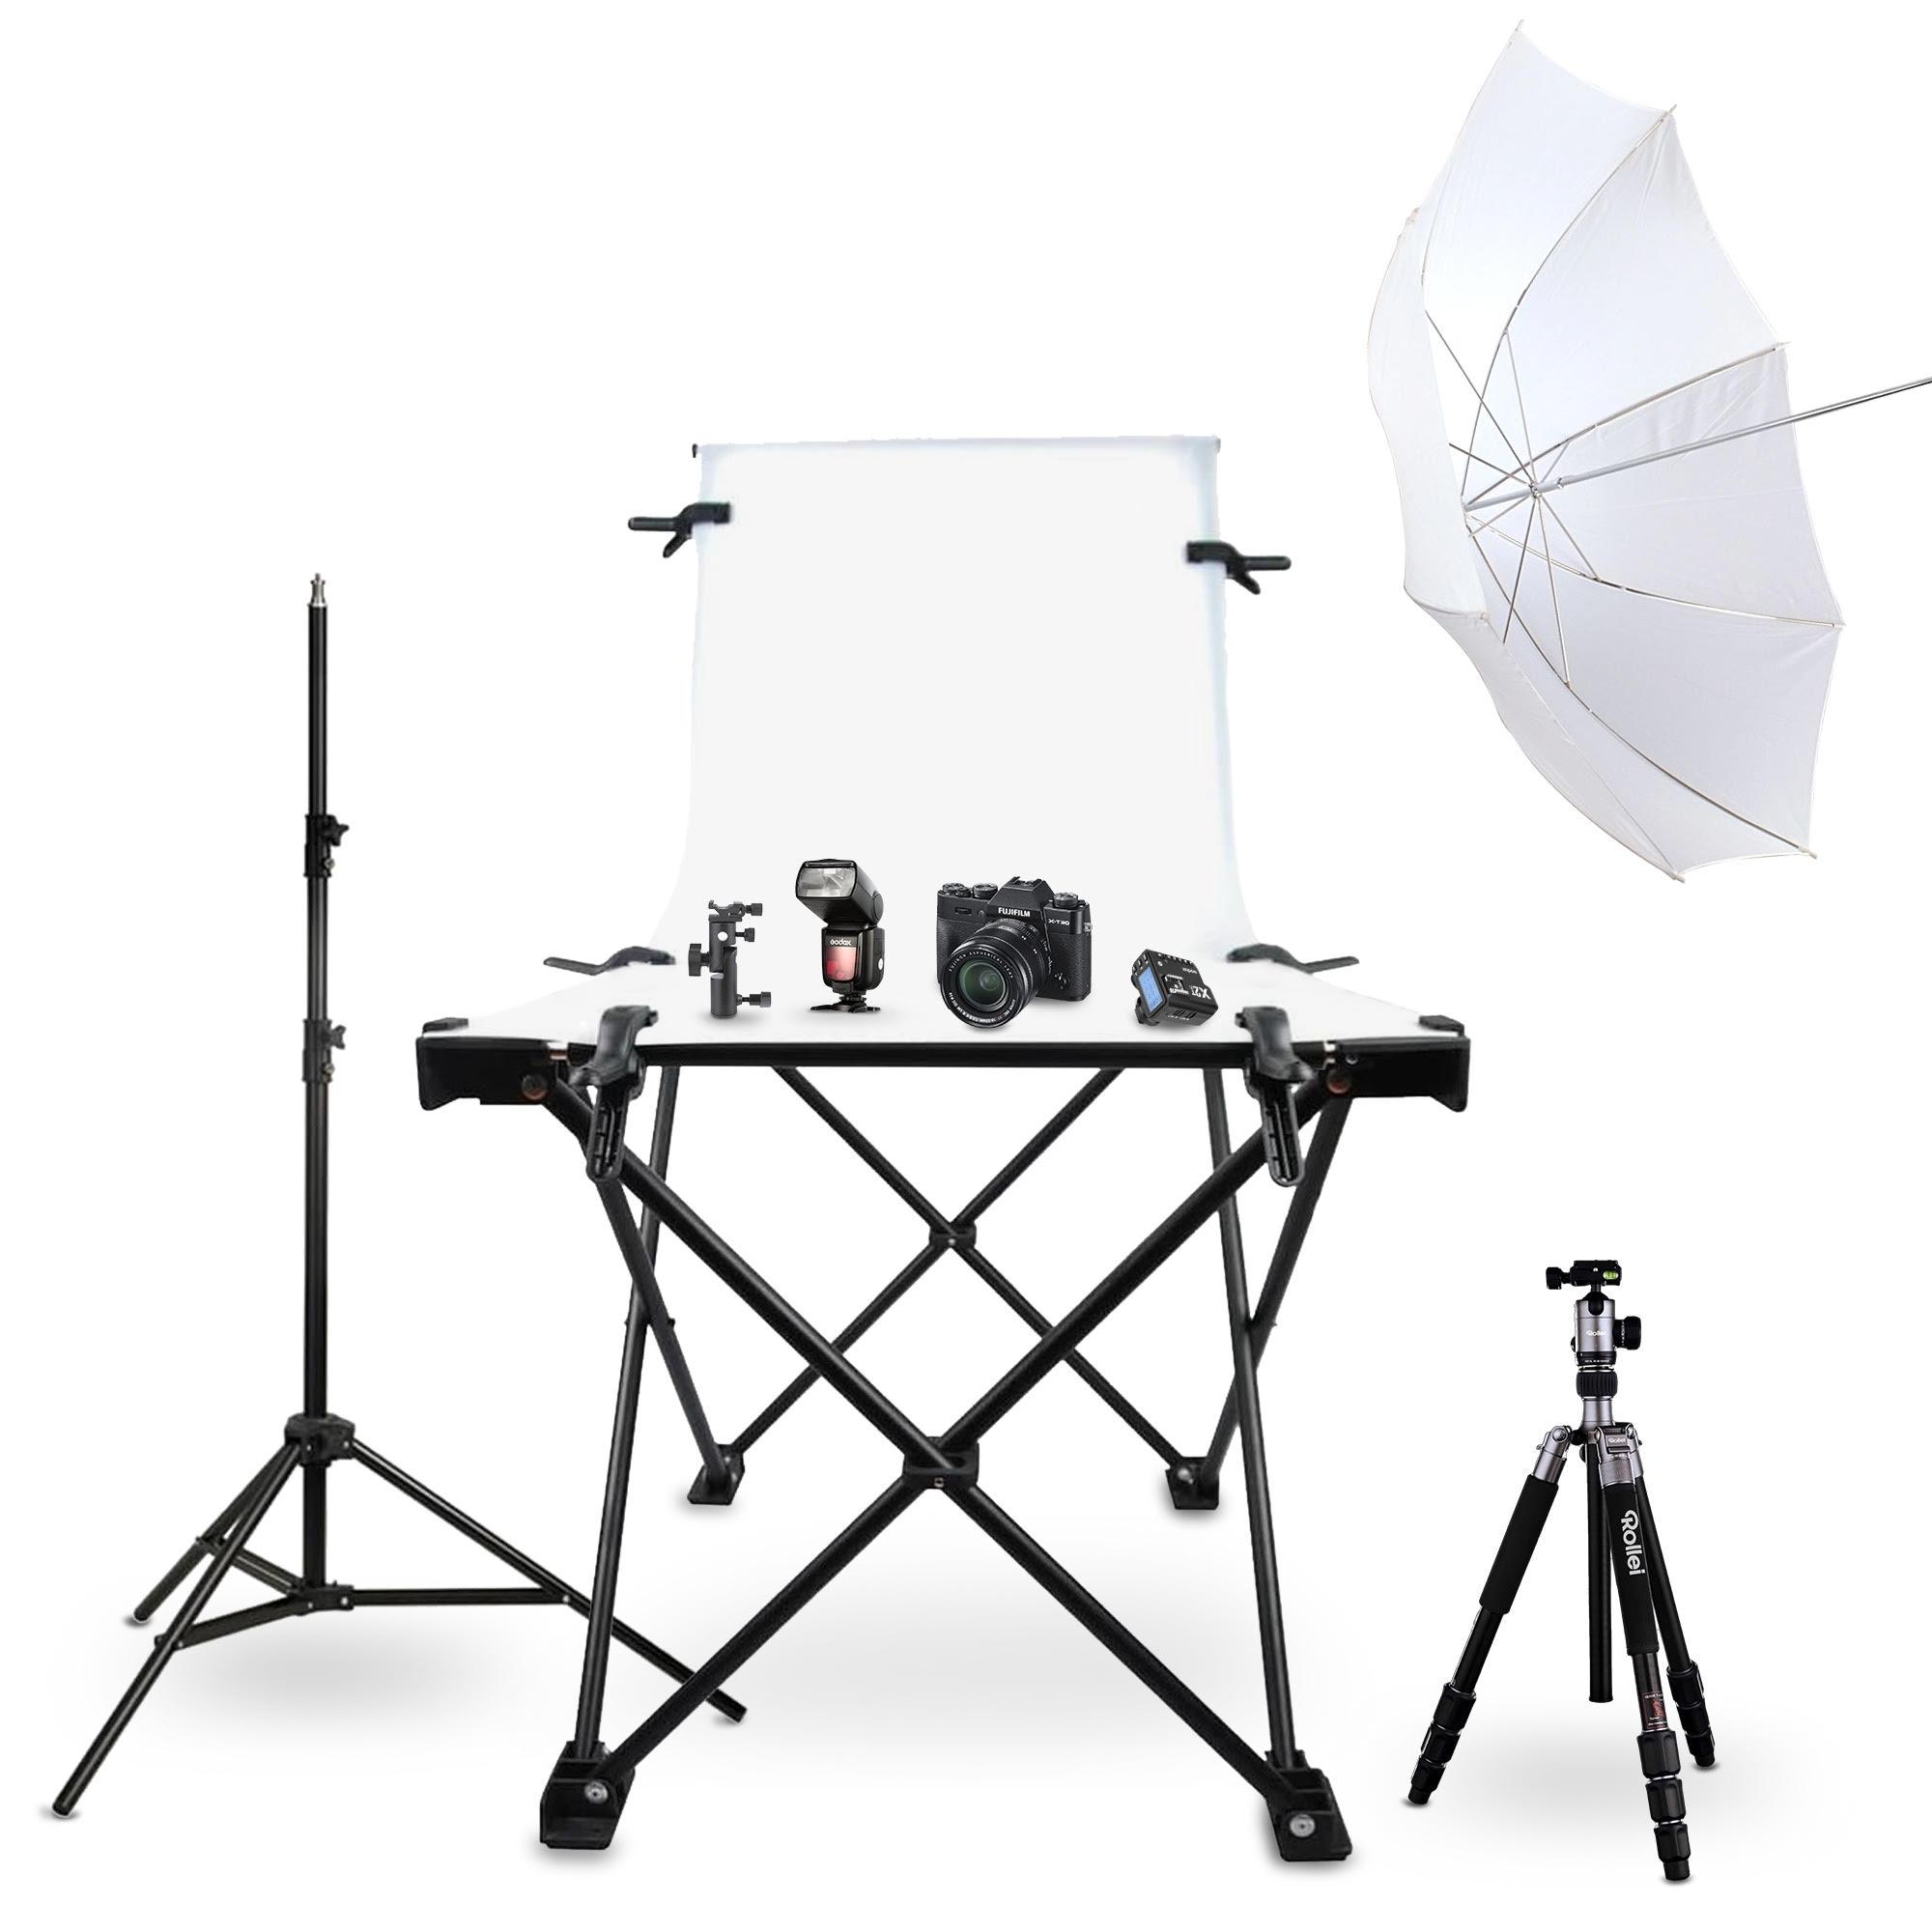 Fujifilm X-T30 schwarz Produktfotografie-Set 2 inkl. XF 18-55mm 1:2,8-4,0 R LM OIS